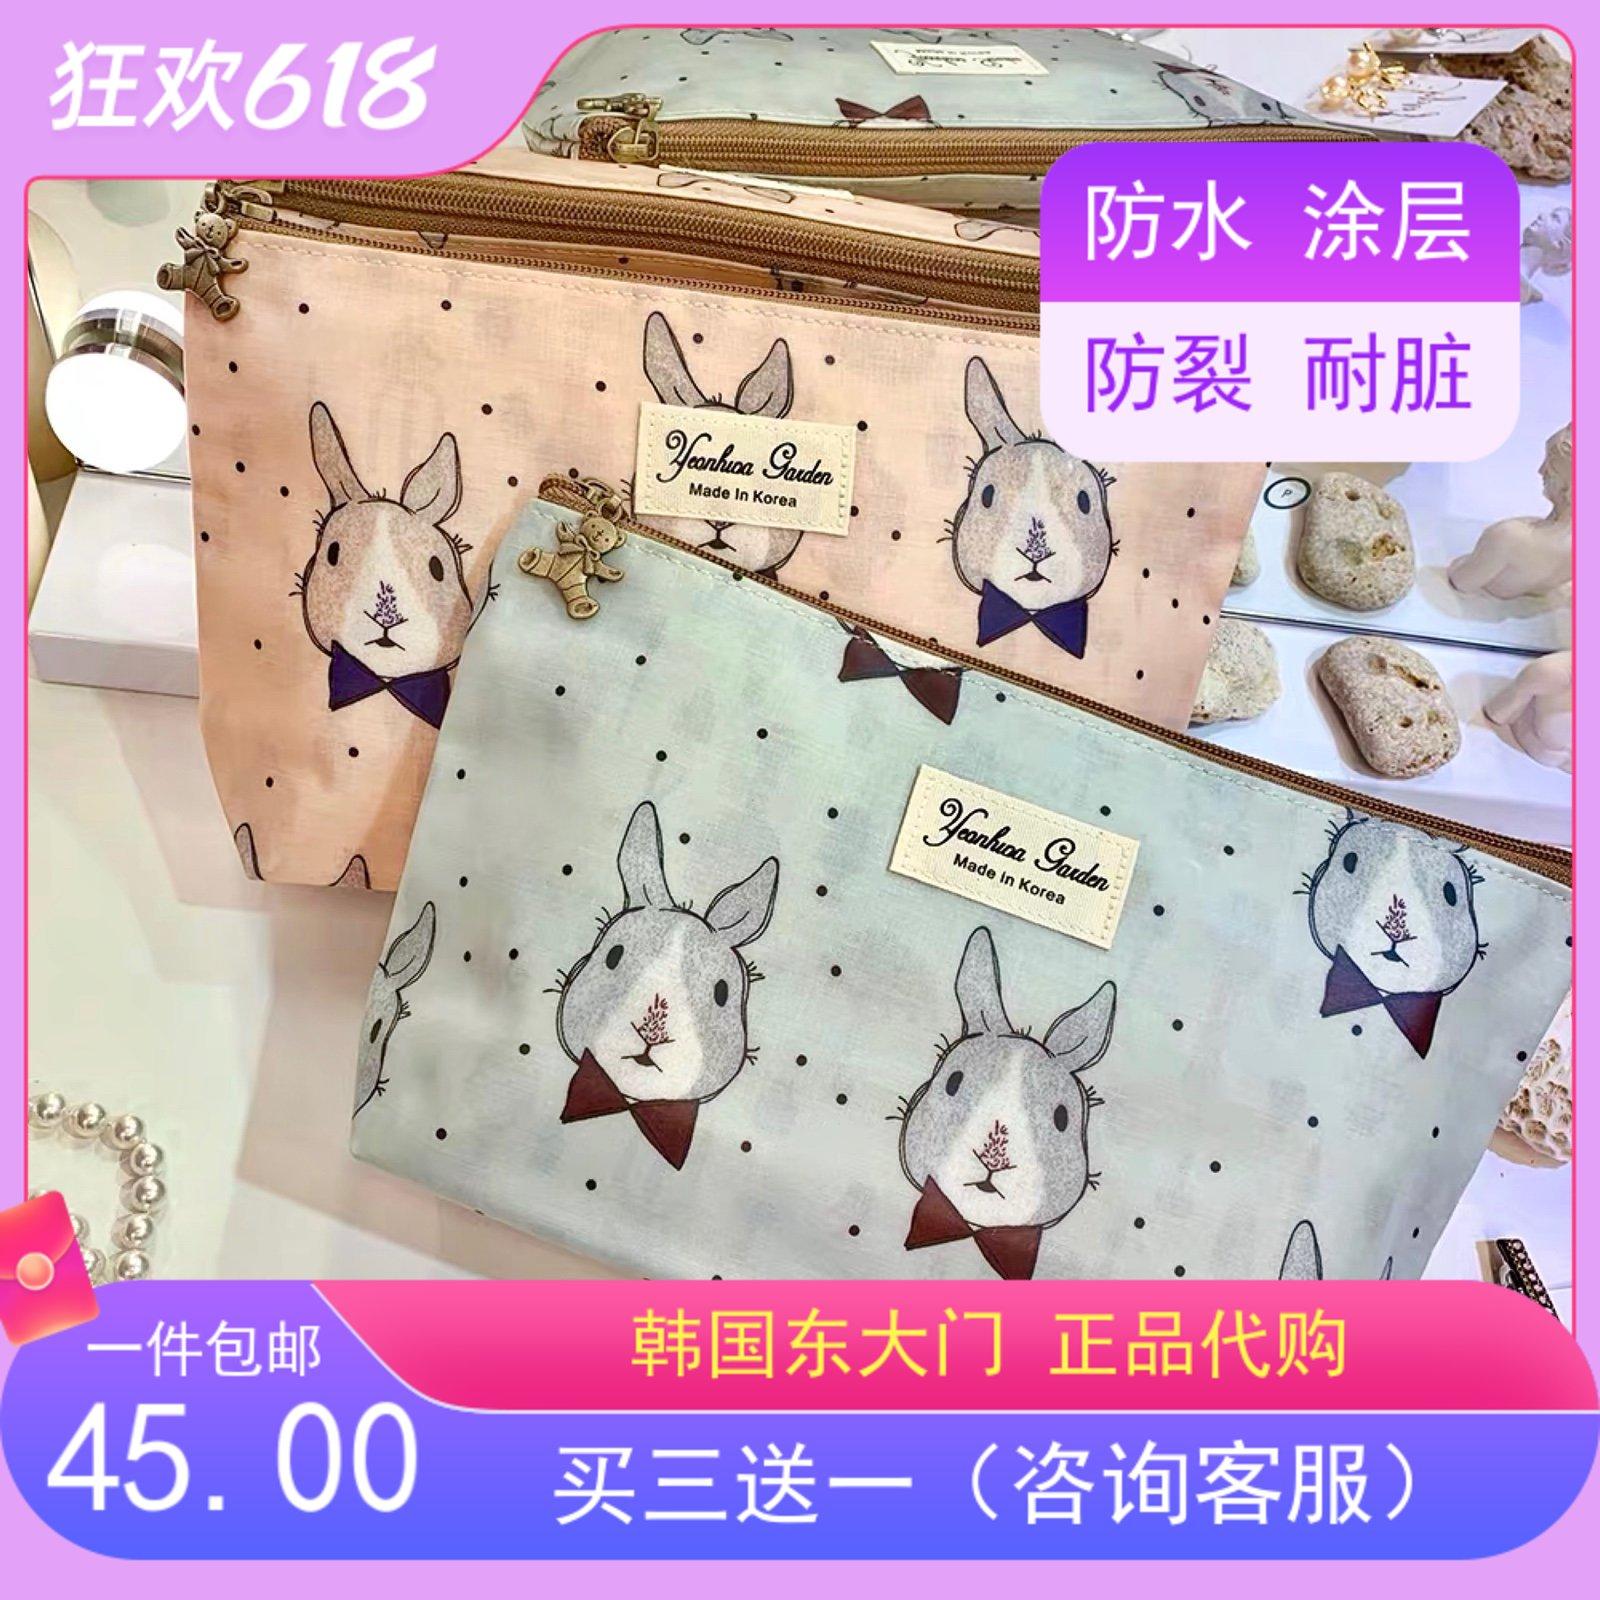 大号兔子防水化妆包】River shop韩国东大门可爱卡通拉链收纳旅行